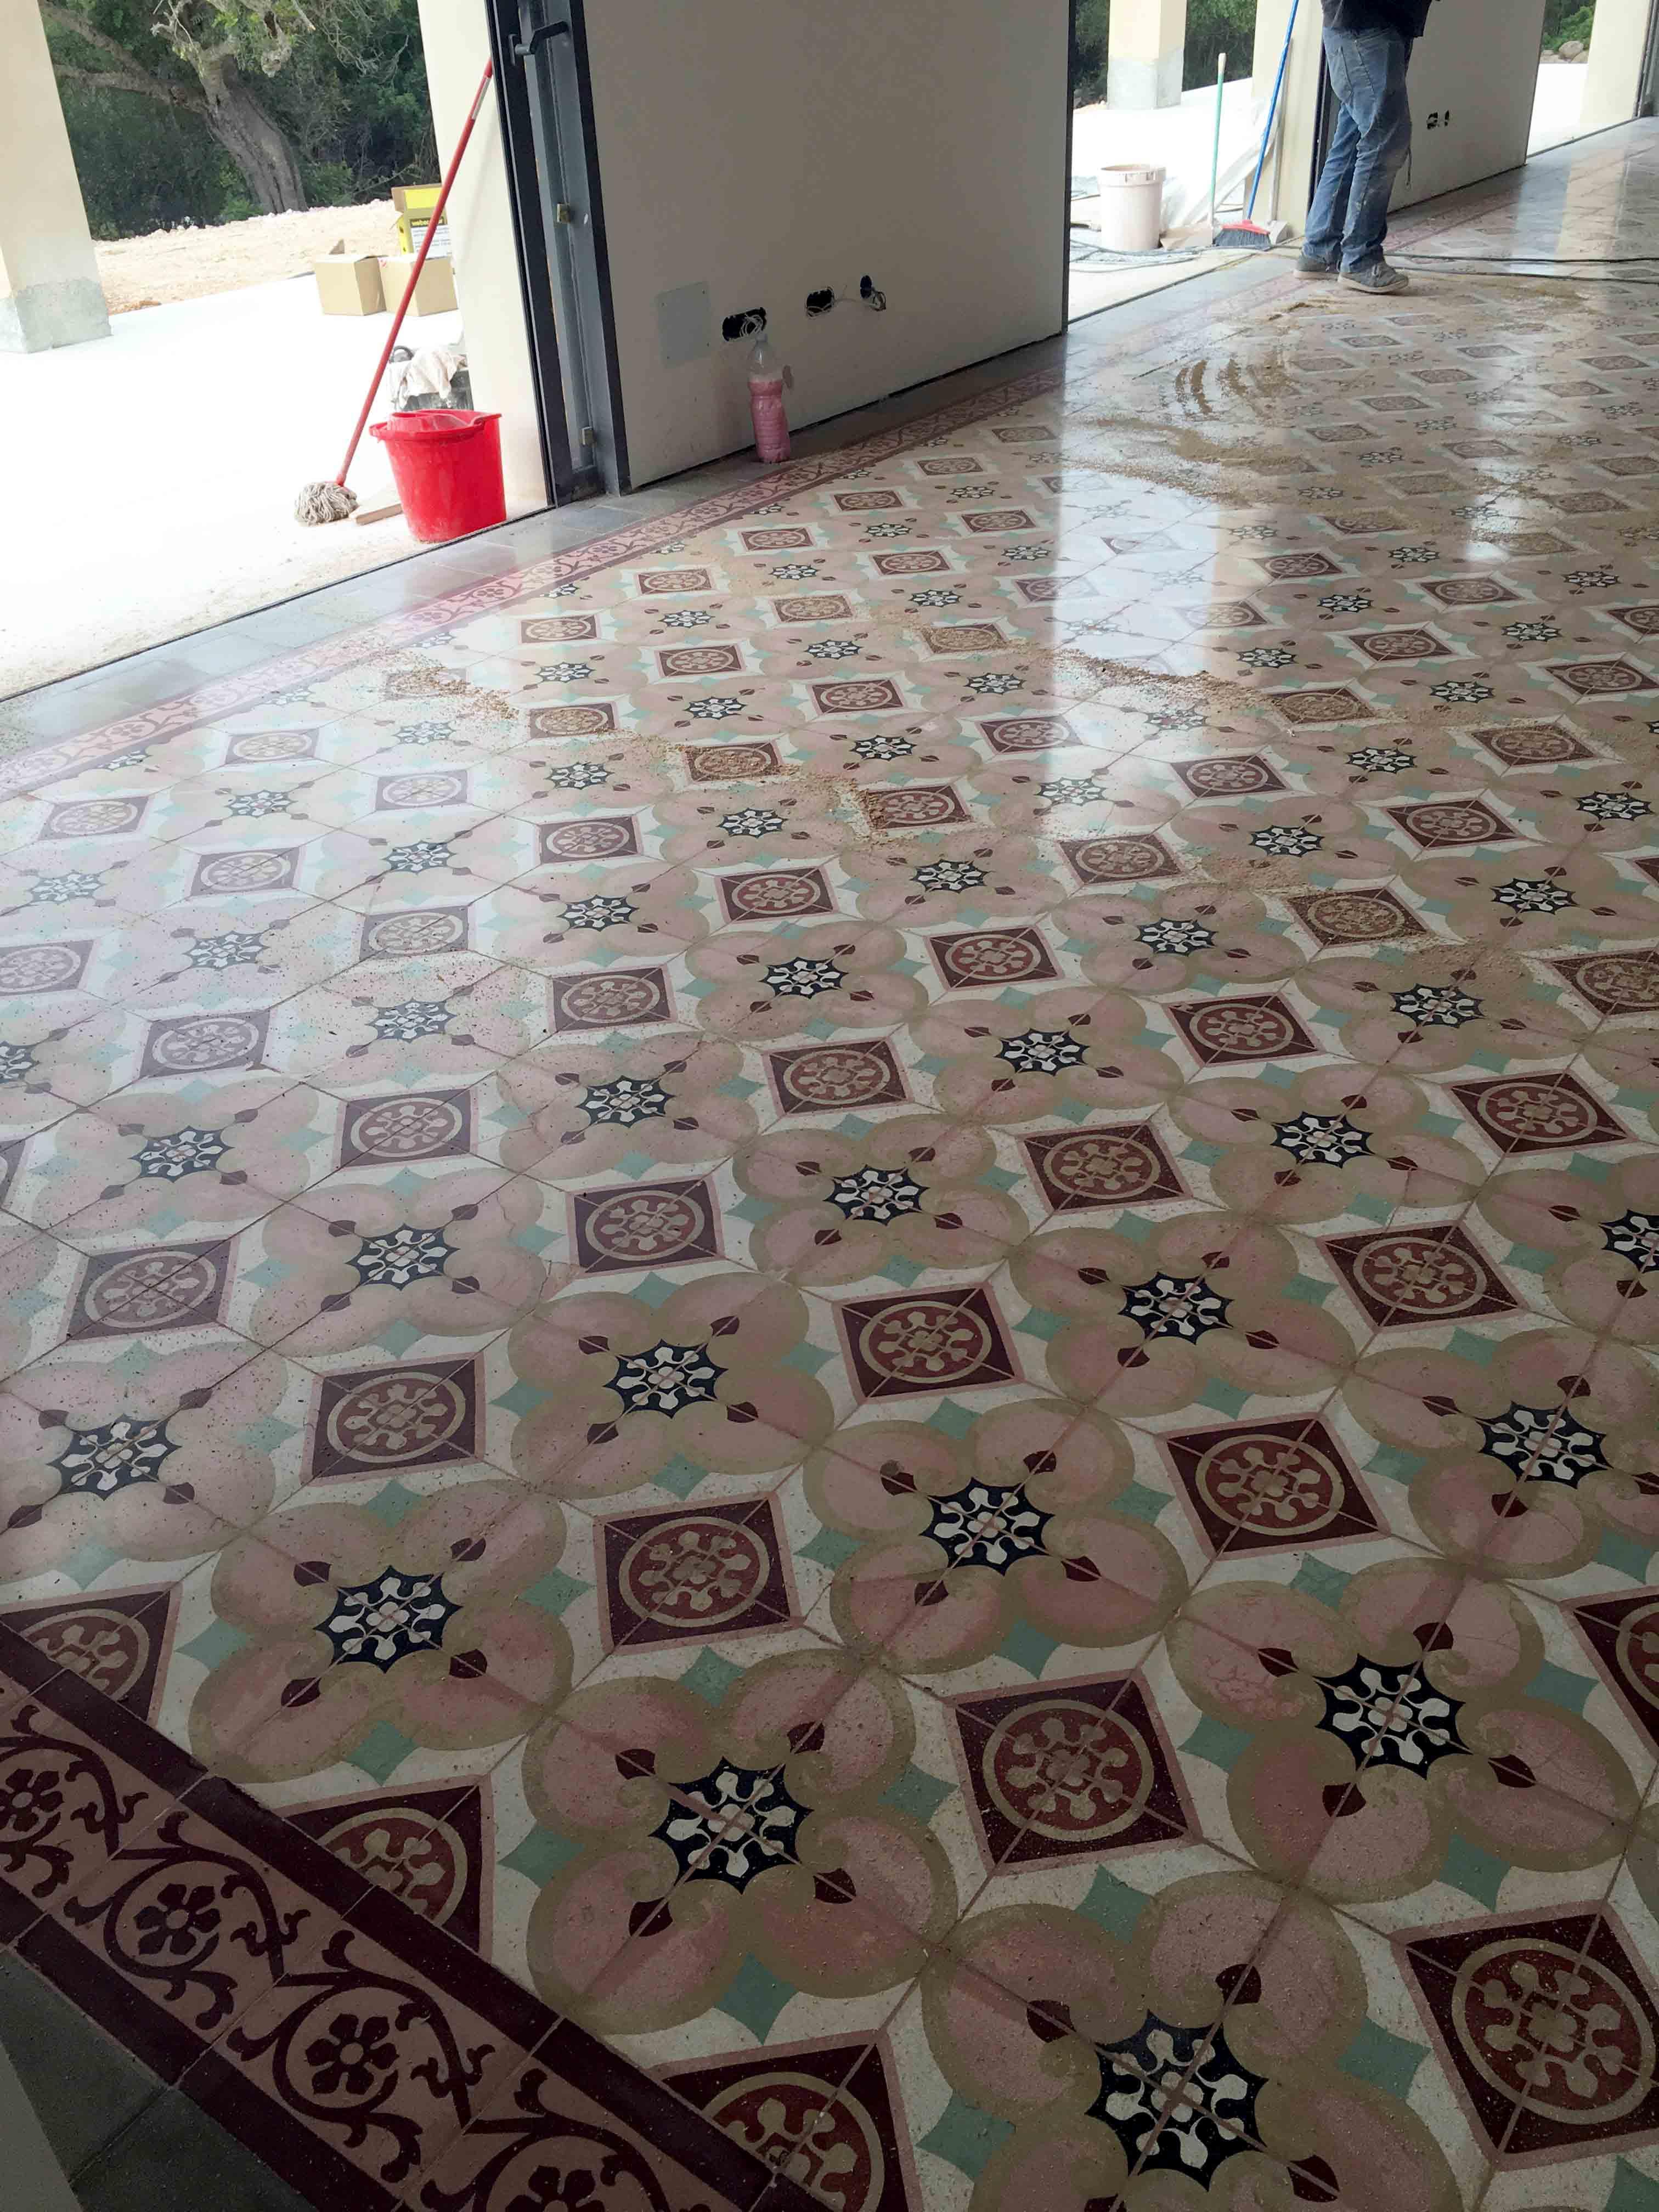 MosaicosBarcelona-Recuperacción-abrillantado-y-acristalado-de-suelos-de-mosaico-hidraulico-en-vivienda-en-Mallorca-Baleares-15